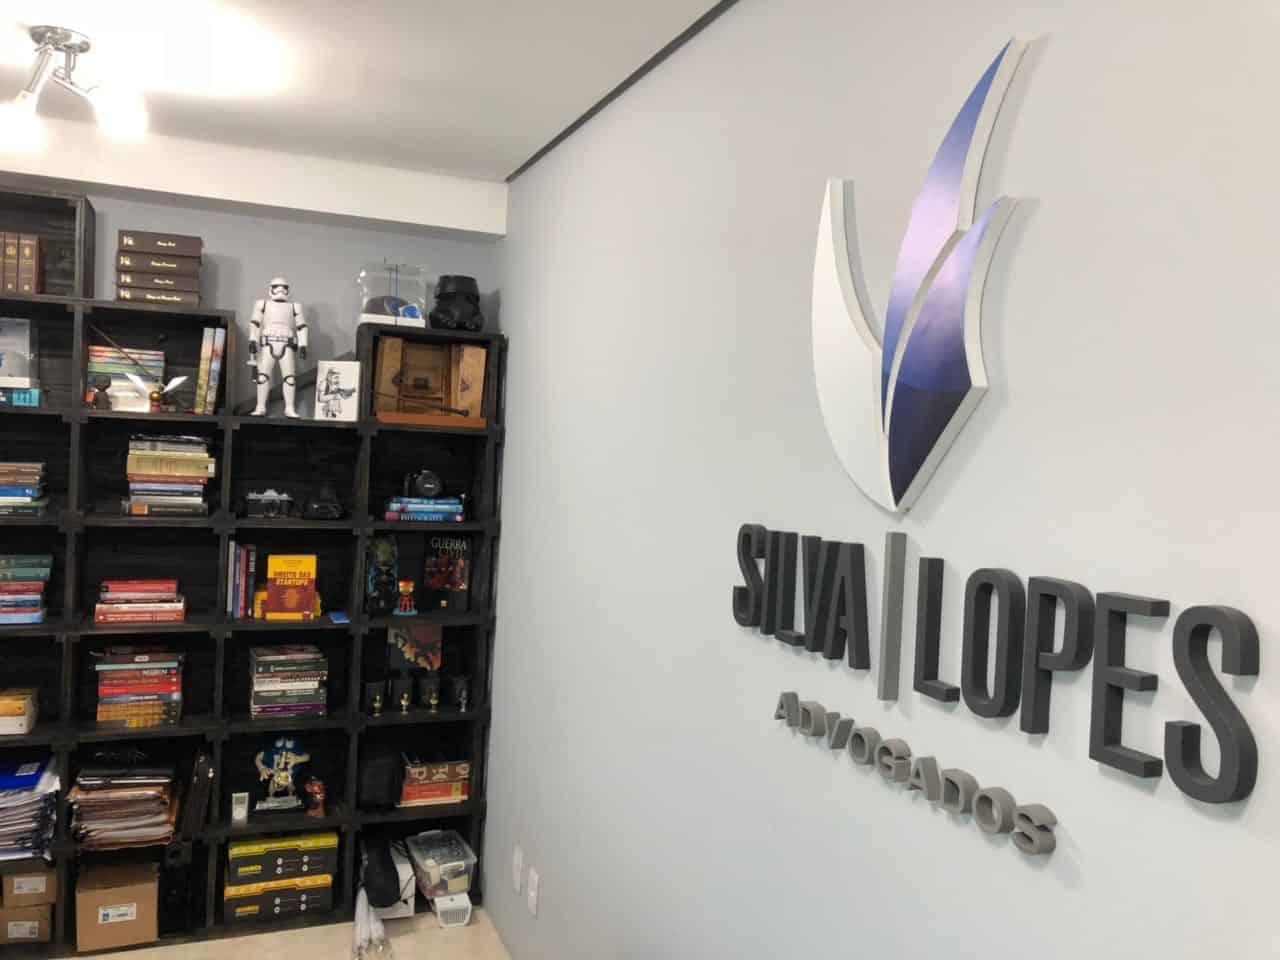 Silva | Lopes Advogados desenvolve própria tecnologia para gestão de demandas